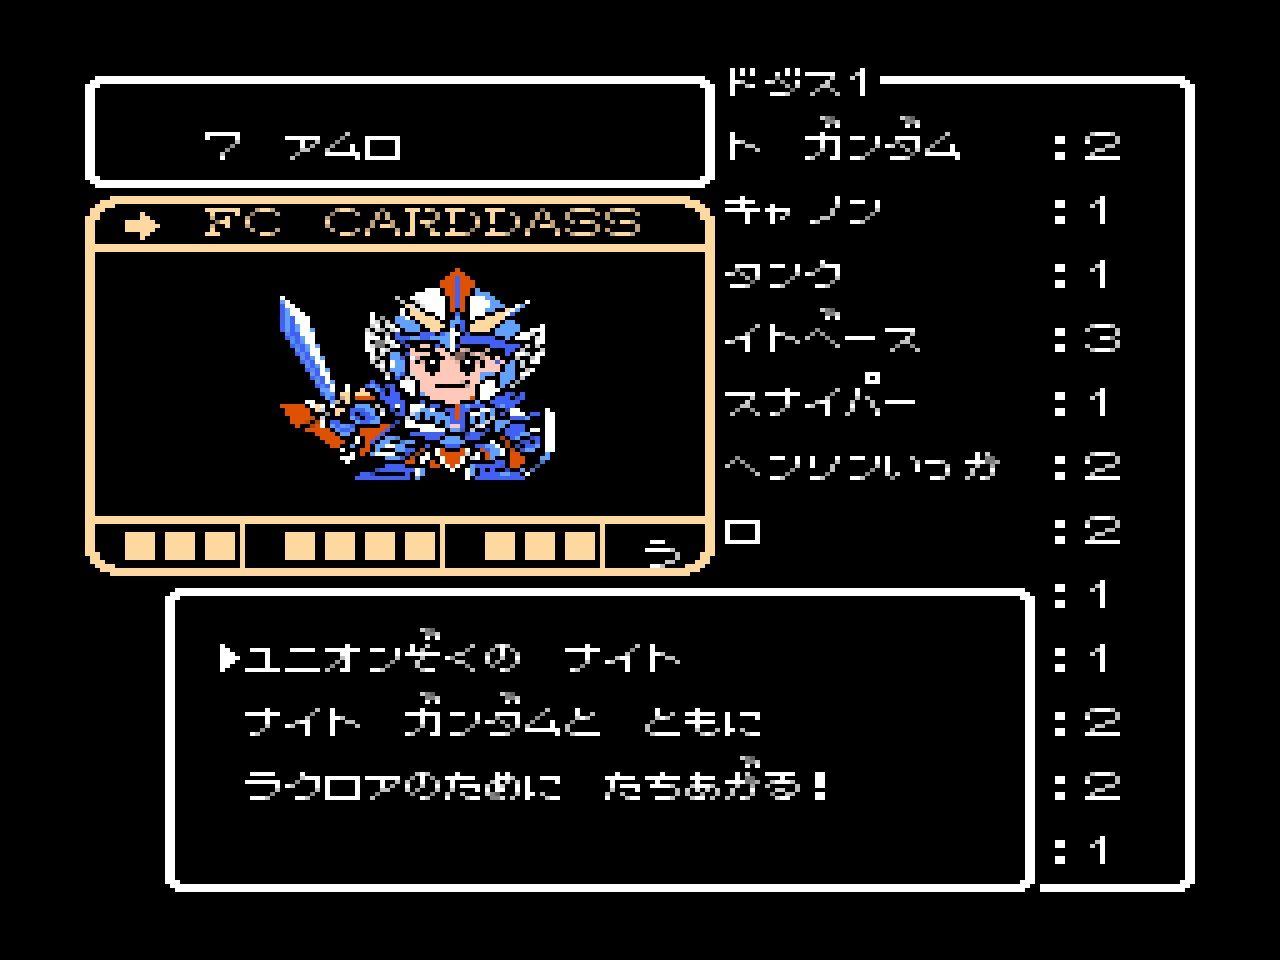 キャラゲー屈指の名作! ファミコン『SDガンダム外伝 ナイトガンダム物語』は「かゆいところに手が届く」RPGだったの画像009